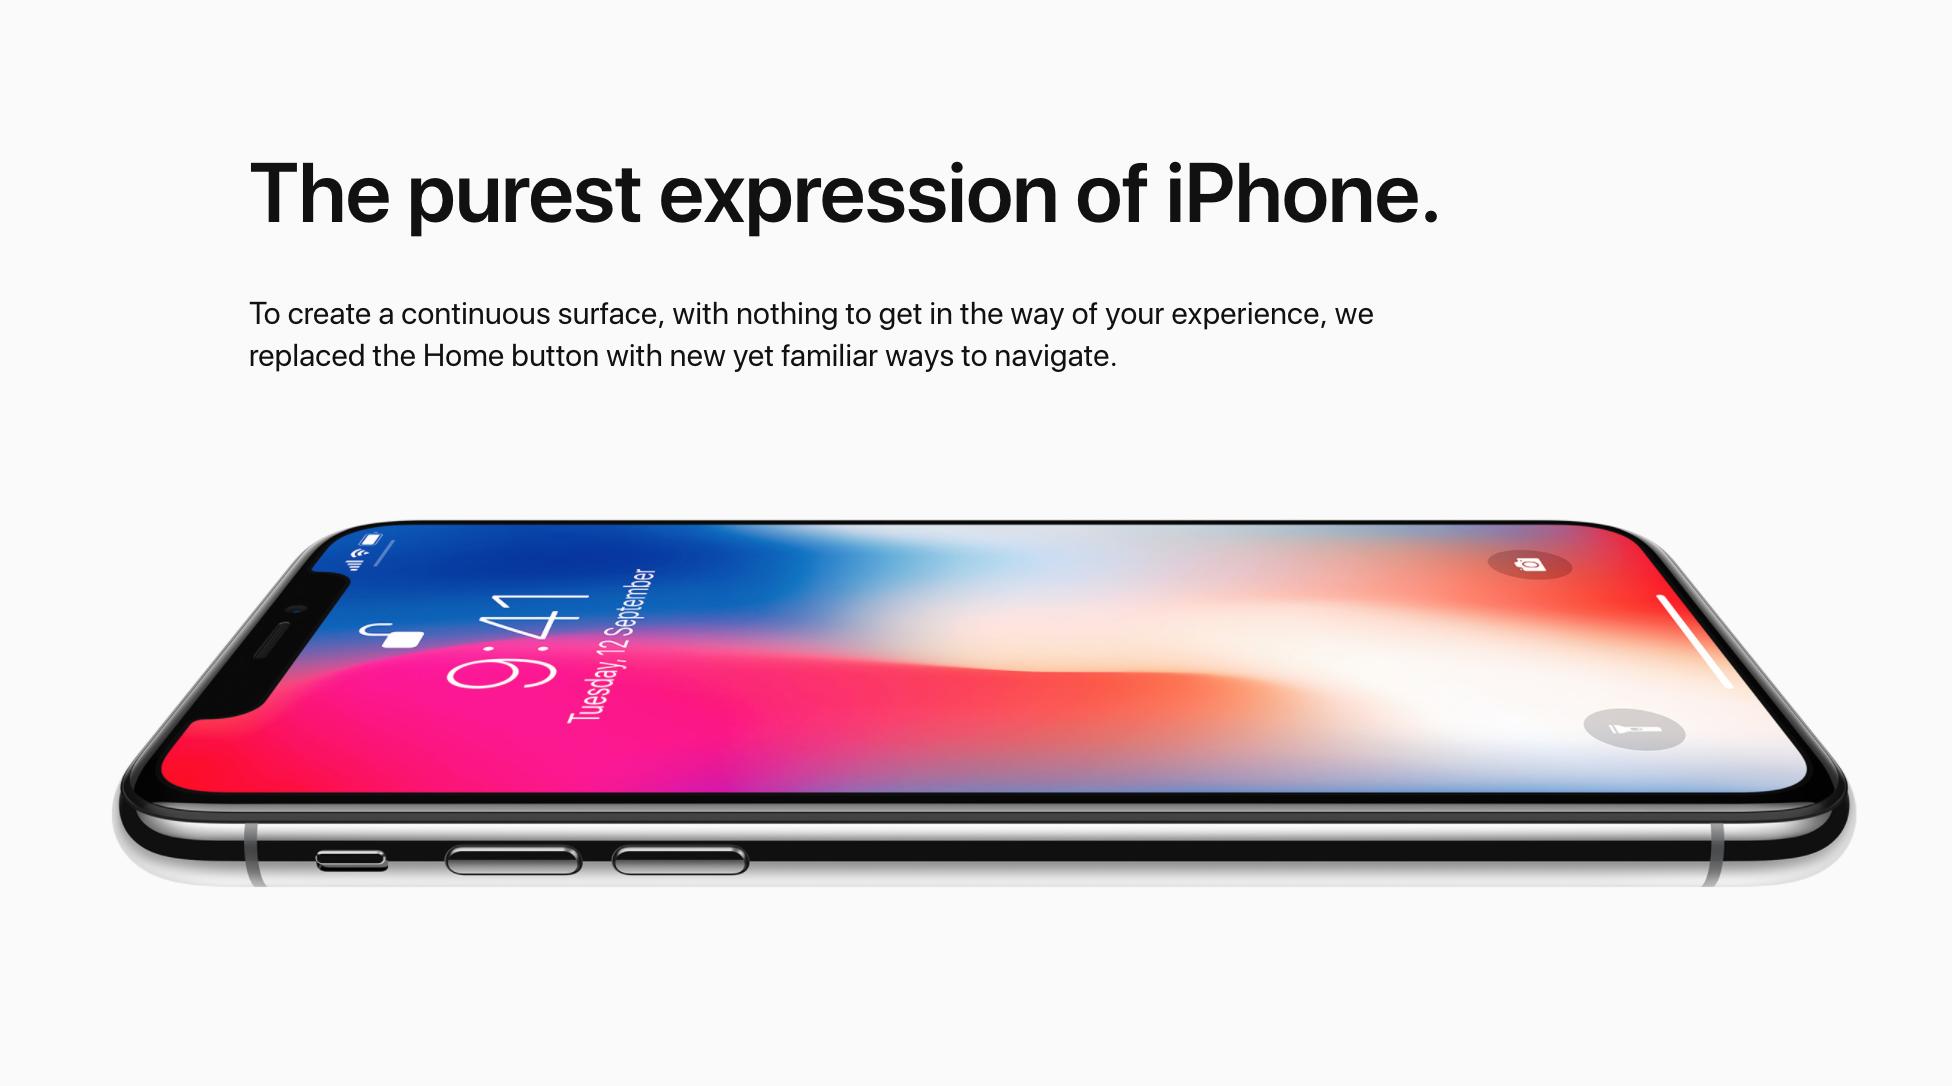 Courtesy: Apple.com